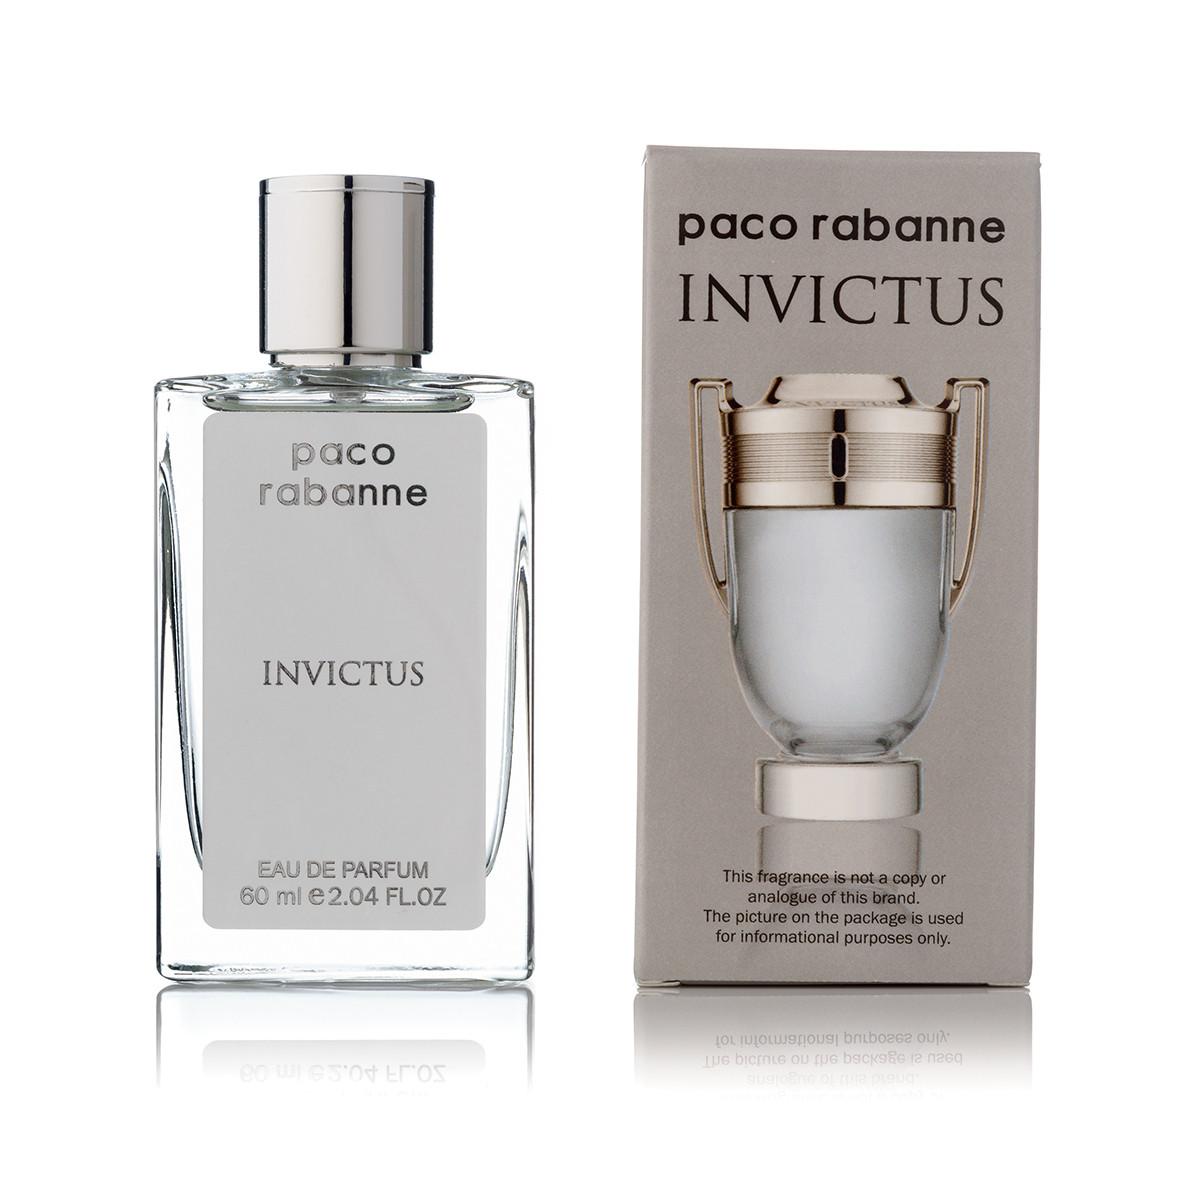 Paco Rabanne Invictus (инвиктус) мужской парфюм тестер 60 ml (реплика)